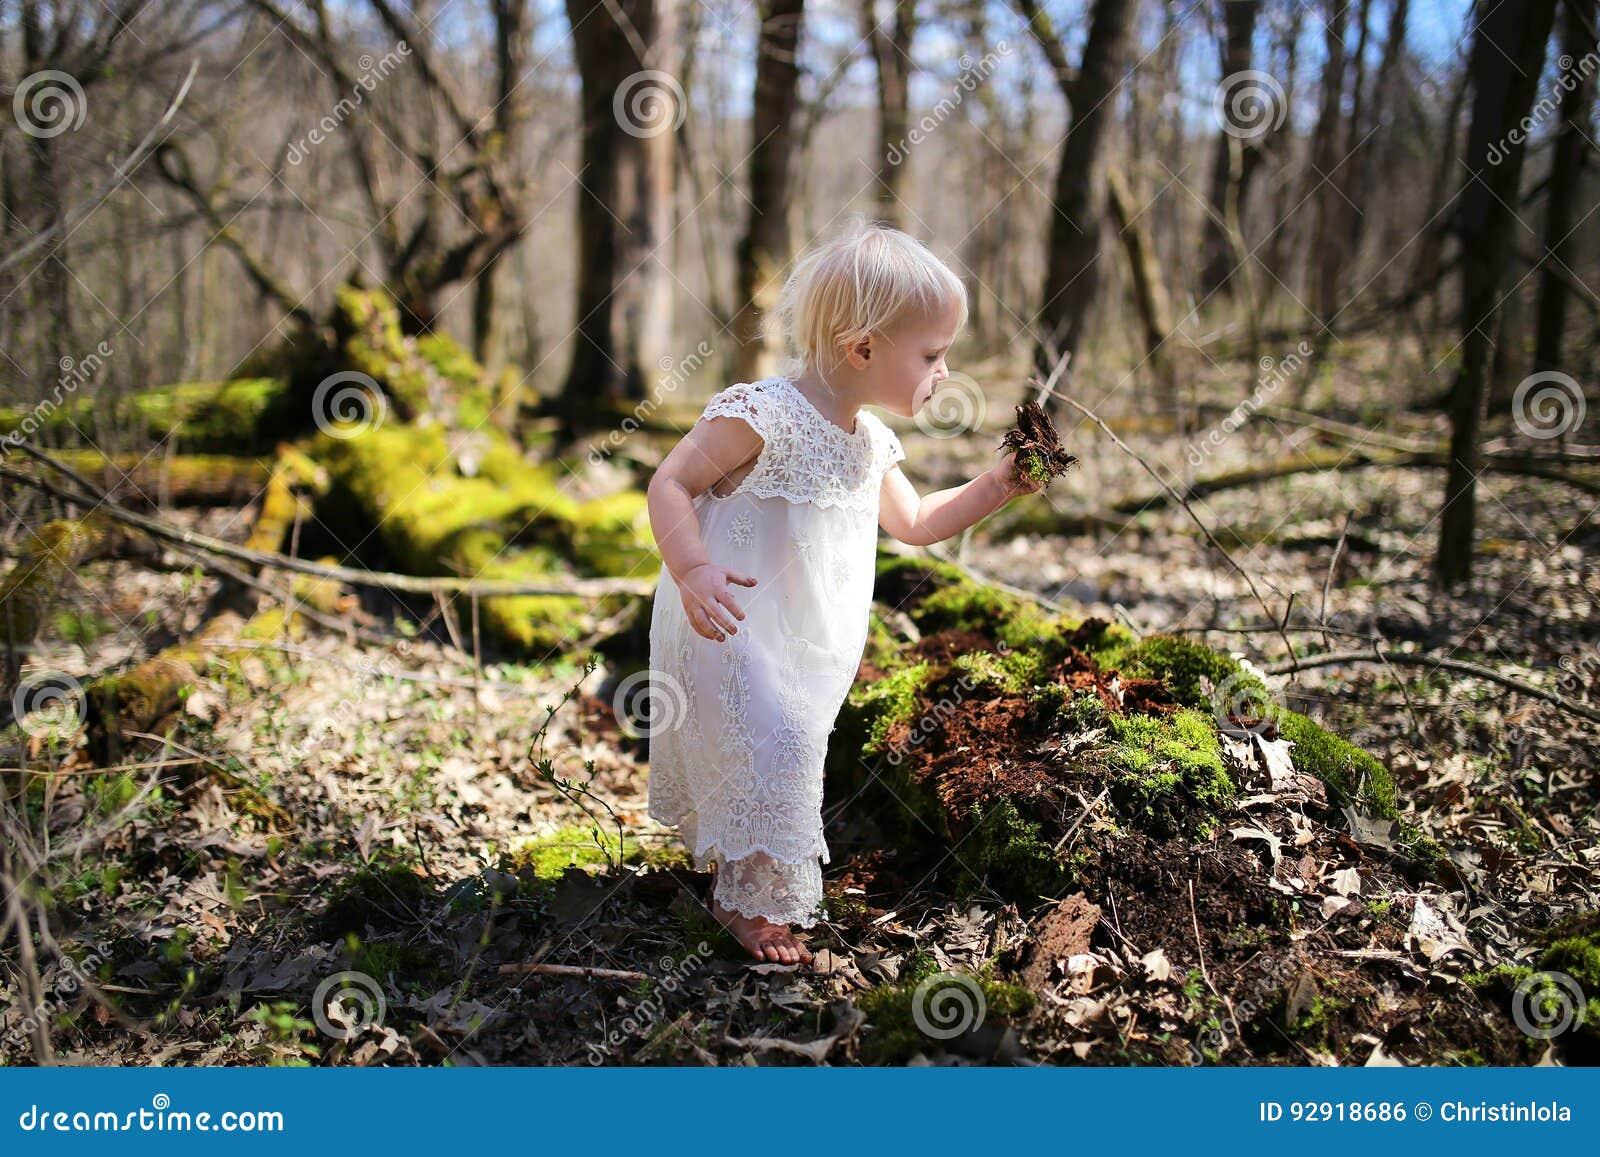 Natureza de exploração da menina pequena da criança nas madeiras